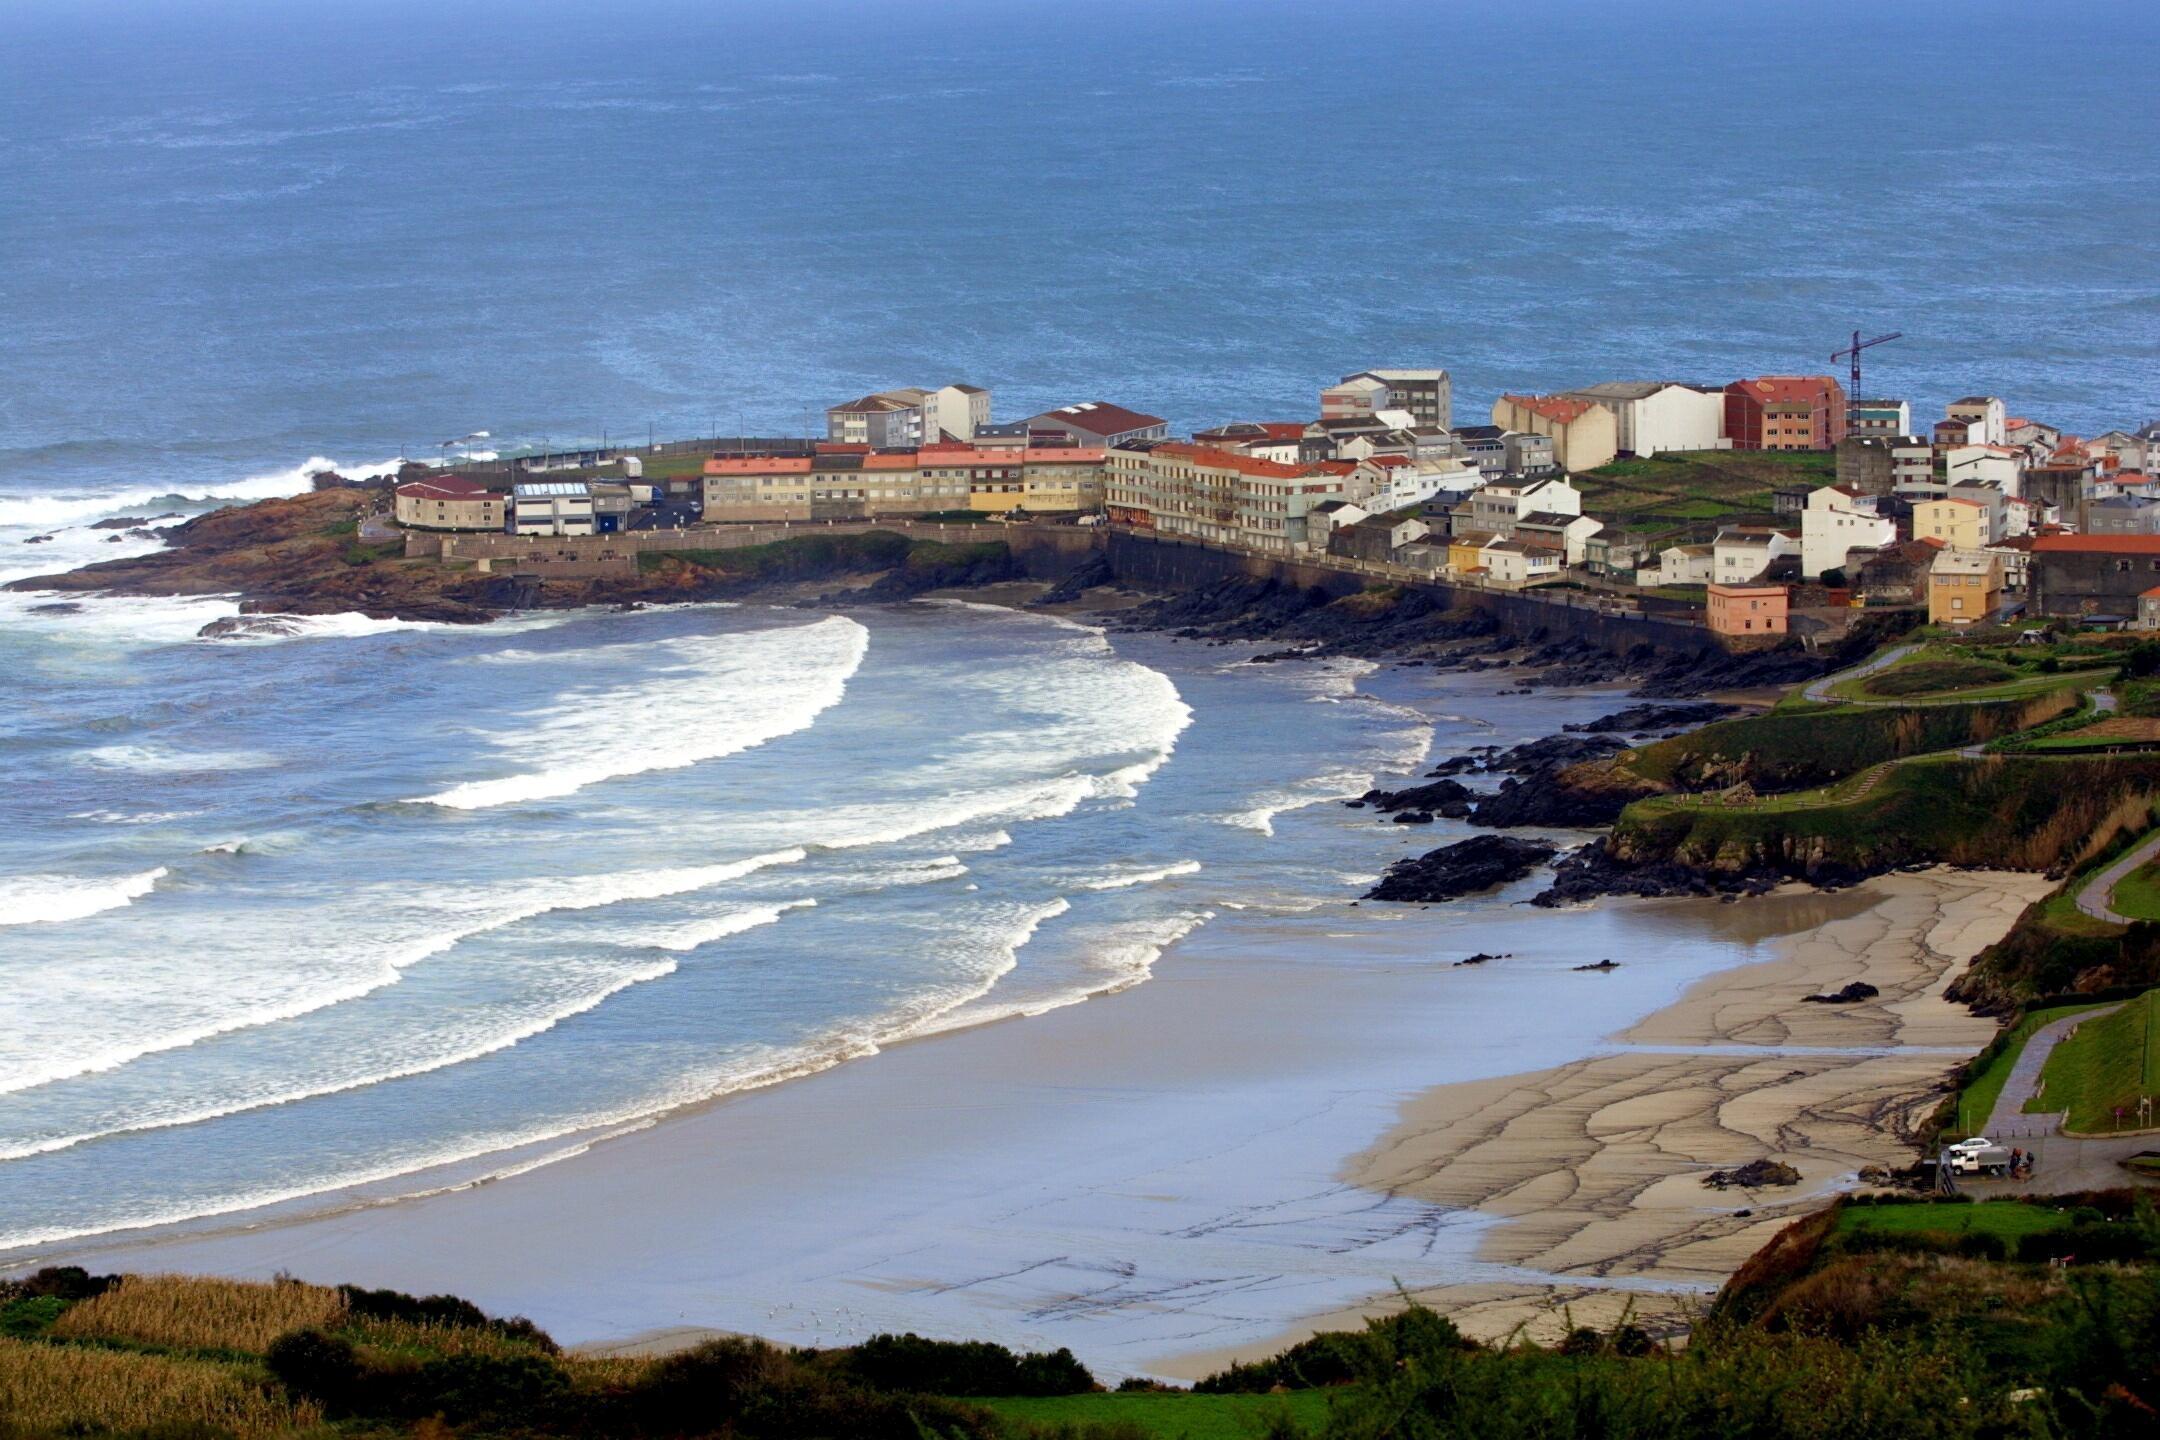 La playa y las rocas de Caión, en A Laracha, siguen recibiendo petróleo.<br> <b>Ana García</b>